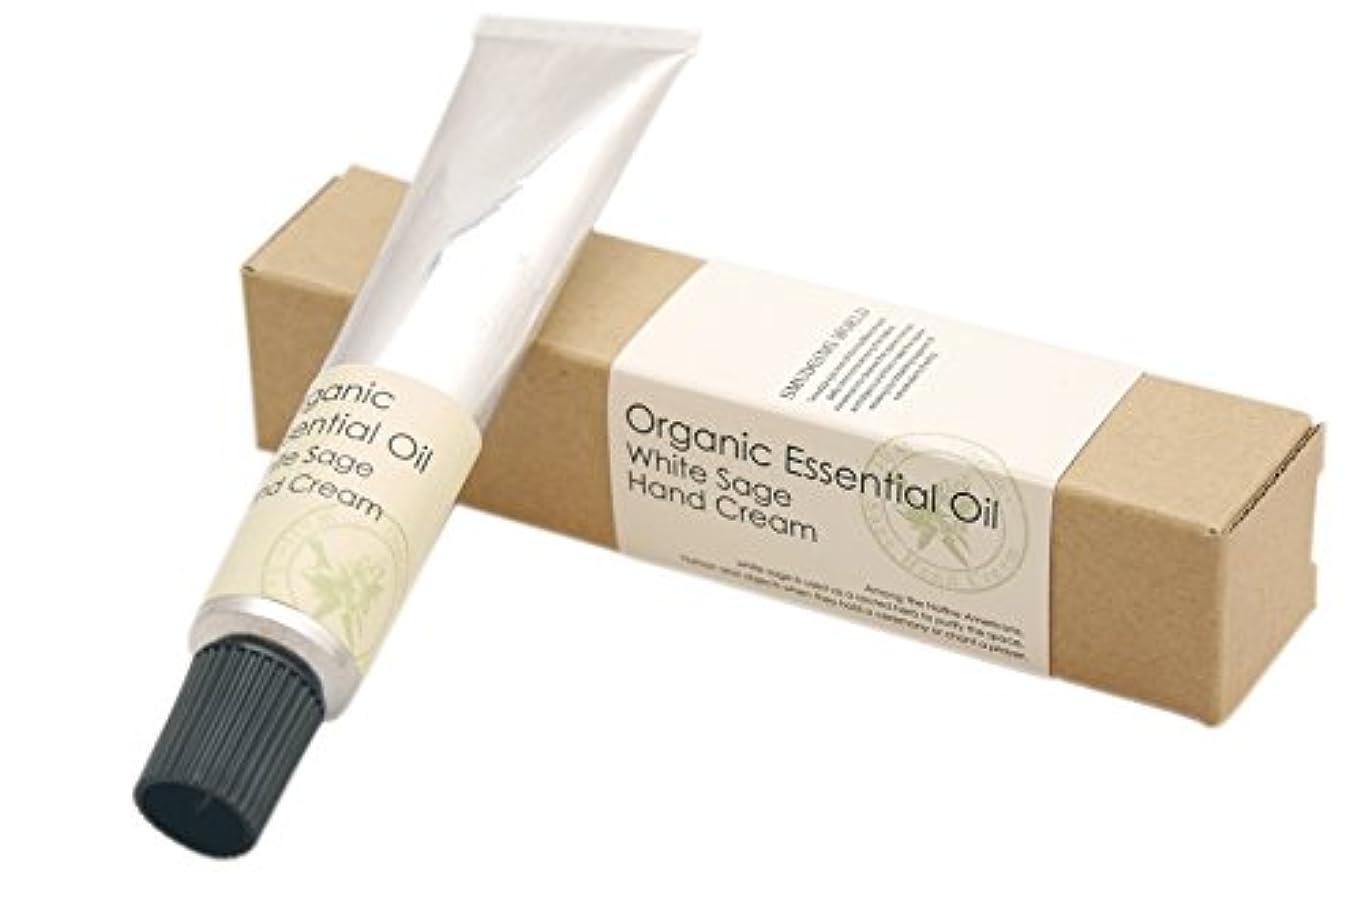 札入れ褐色アカデミックアロマレコルト ハンドクリーム ホワイトセージ 【White Sage】 オーガニック エッセンシャルオイル organic essential oil hand cream arome recolte